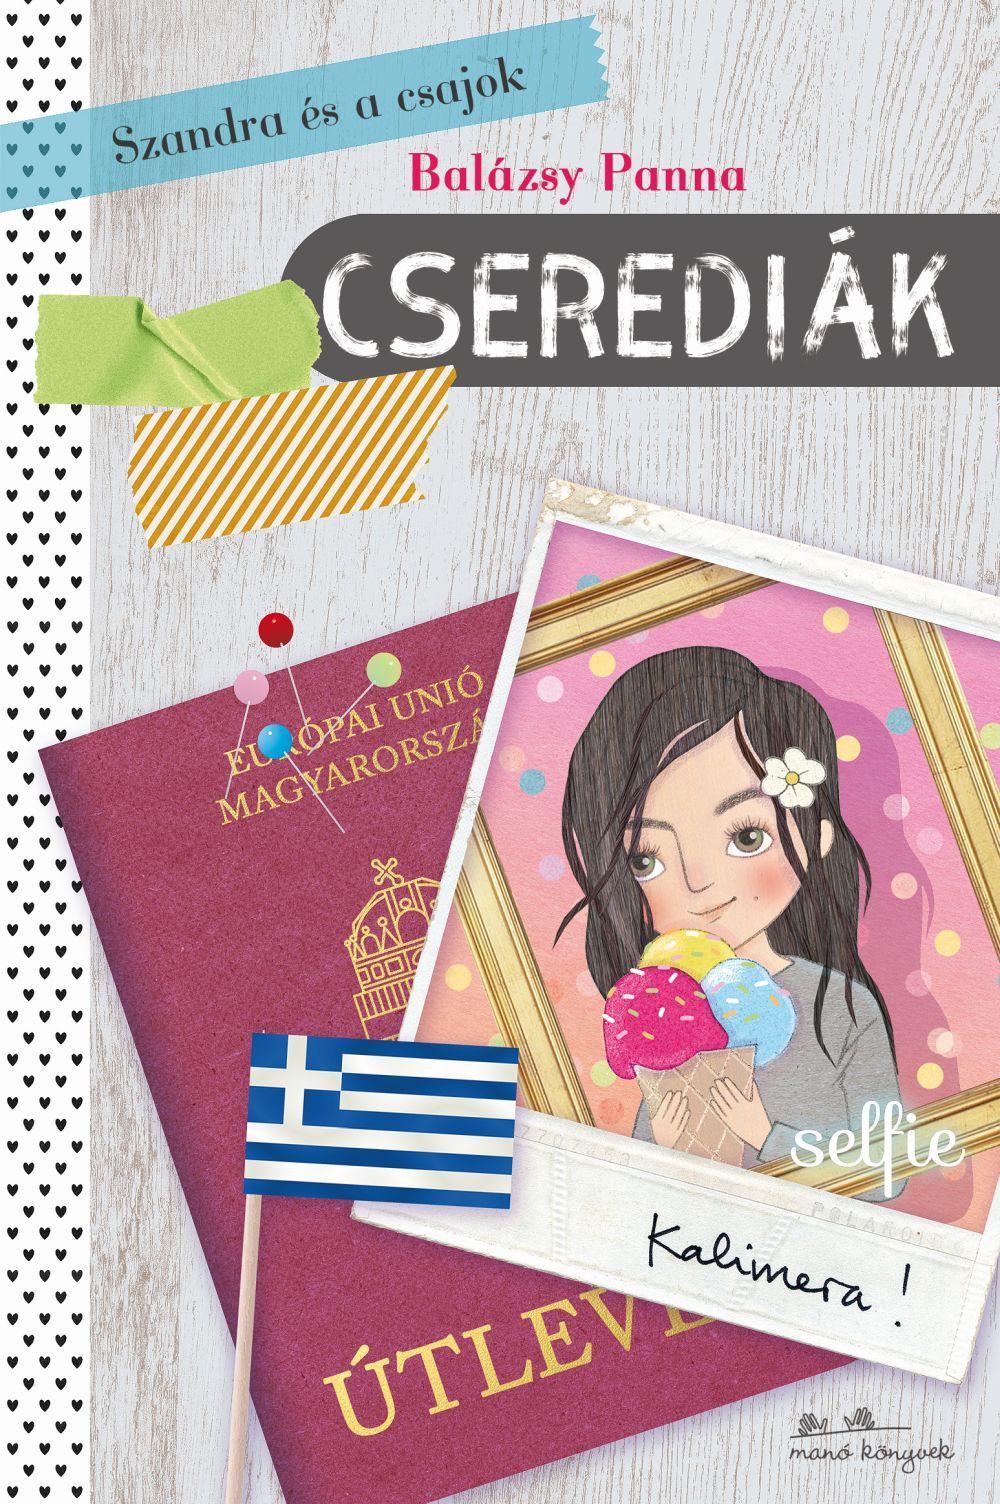 Szandra és a csajok - Cserediák